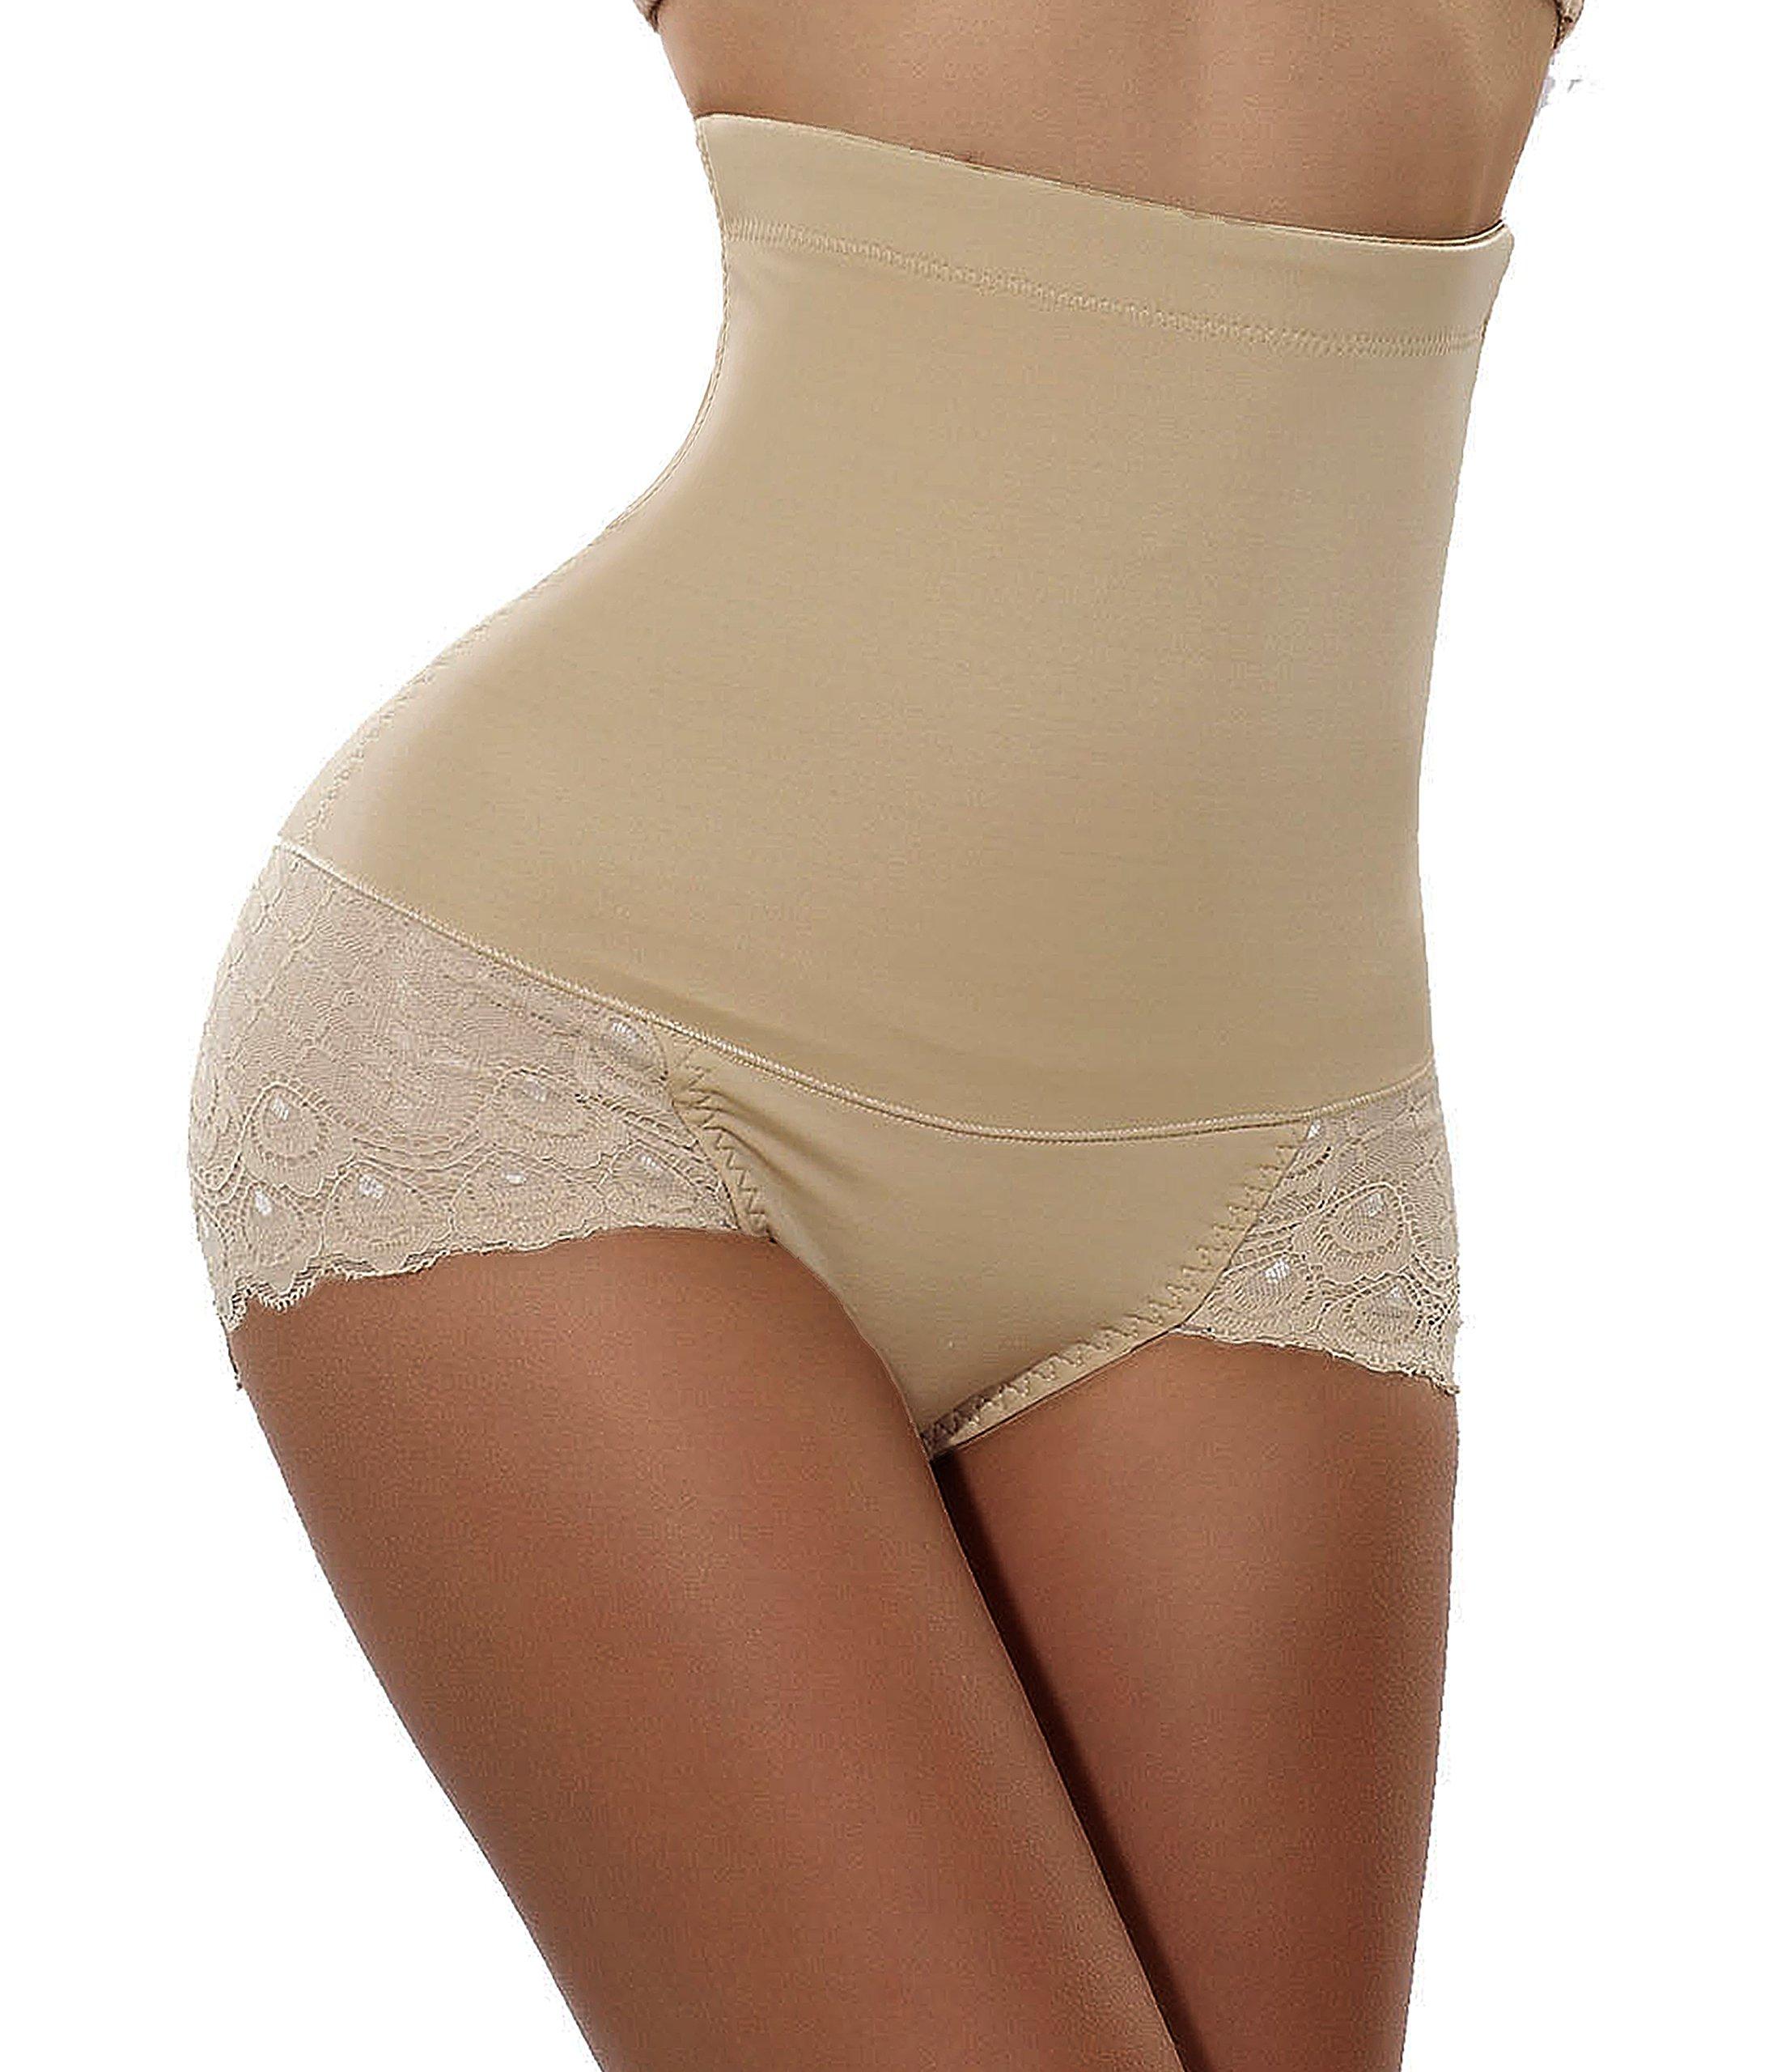 Hourglass Figure Butt Lifter Shaper Panties Tummy Control High Waisted Boyshort(XL Fits 28.7-31.4 Inch Waistline, Beige)